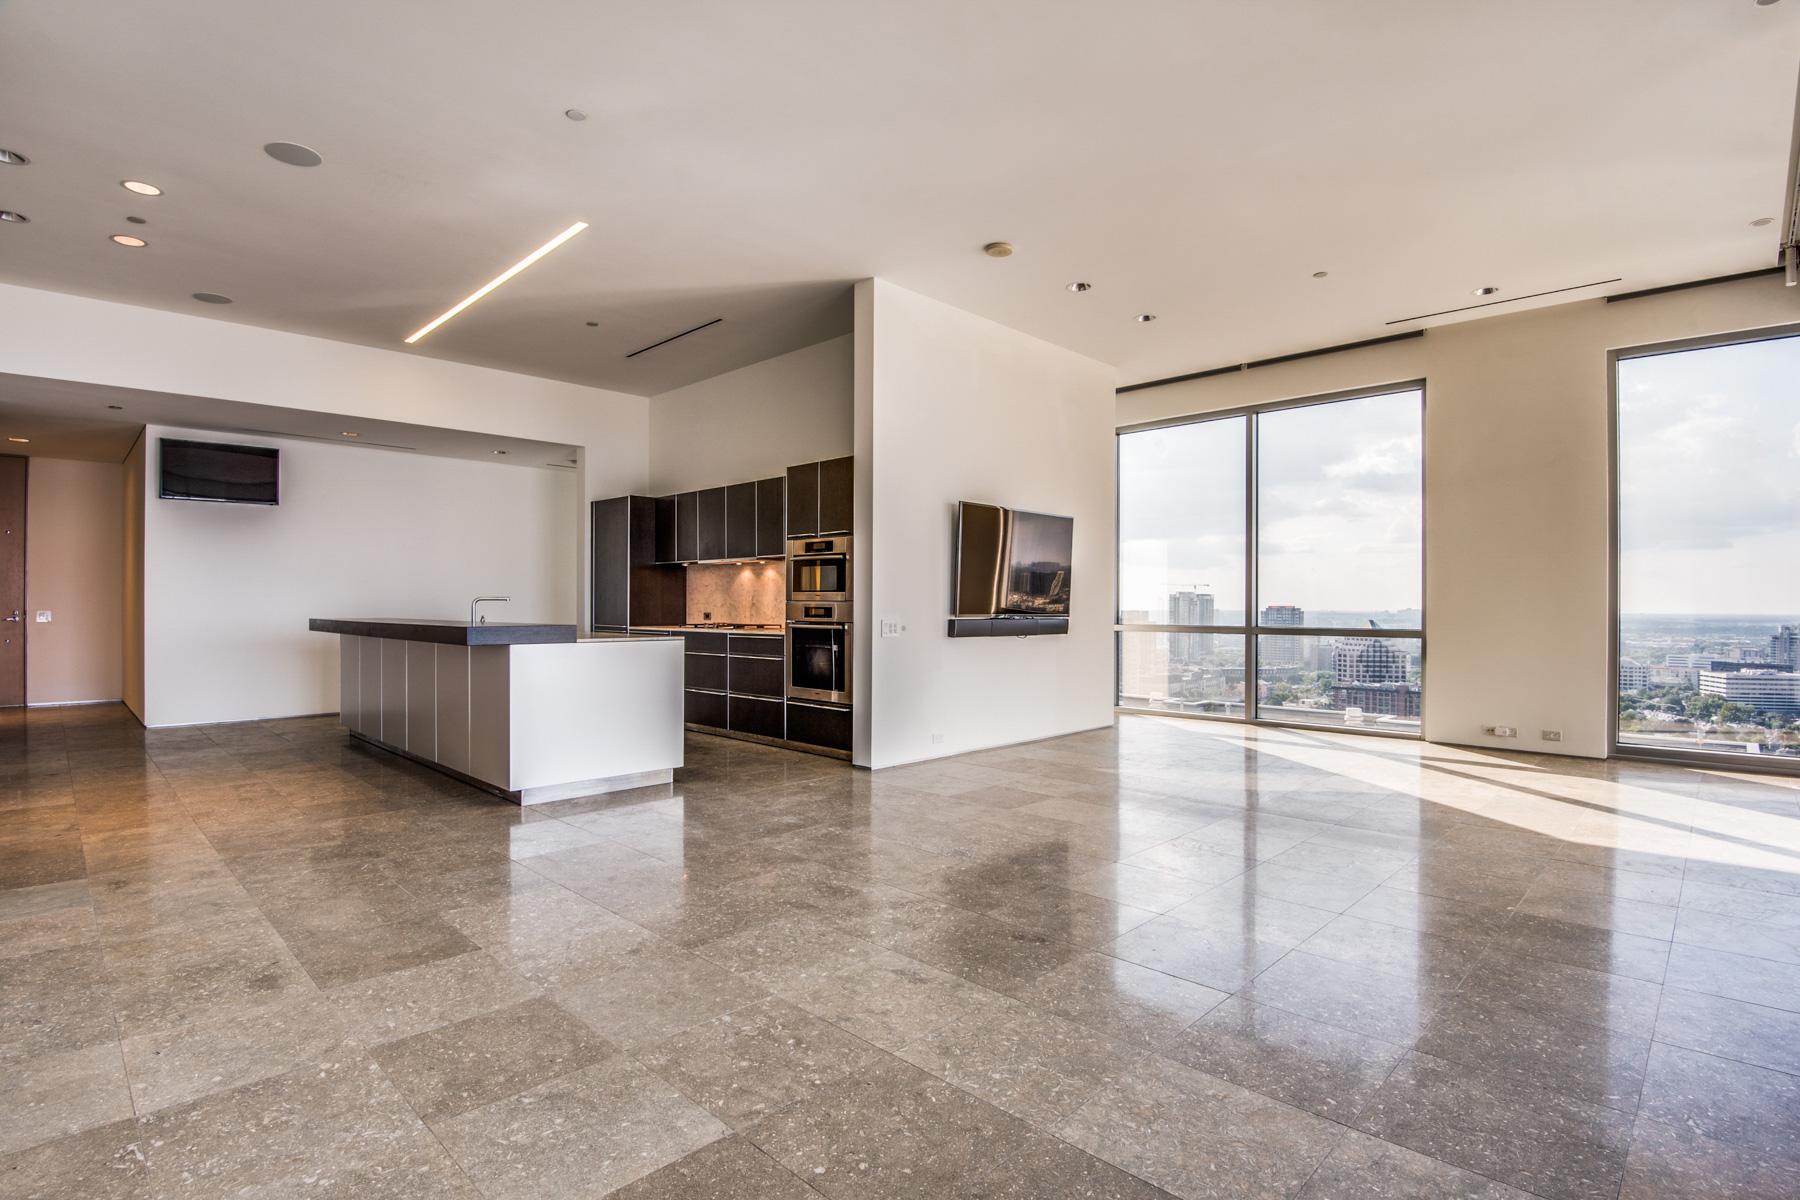 コンドミニアム のために 売買 アット One Arts Plaza Condominium 1717 Arts Plaza #2212, Dallas, テキサス, 75201 アメリカ合衆国